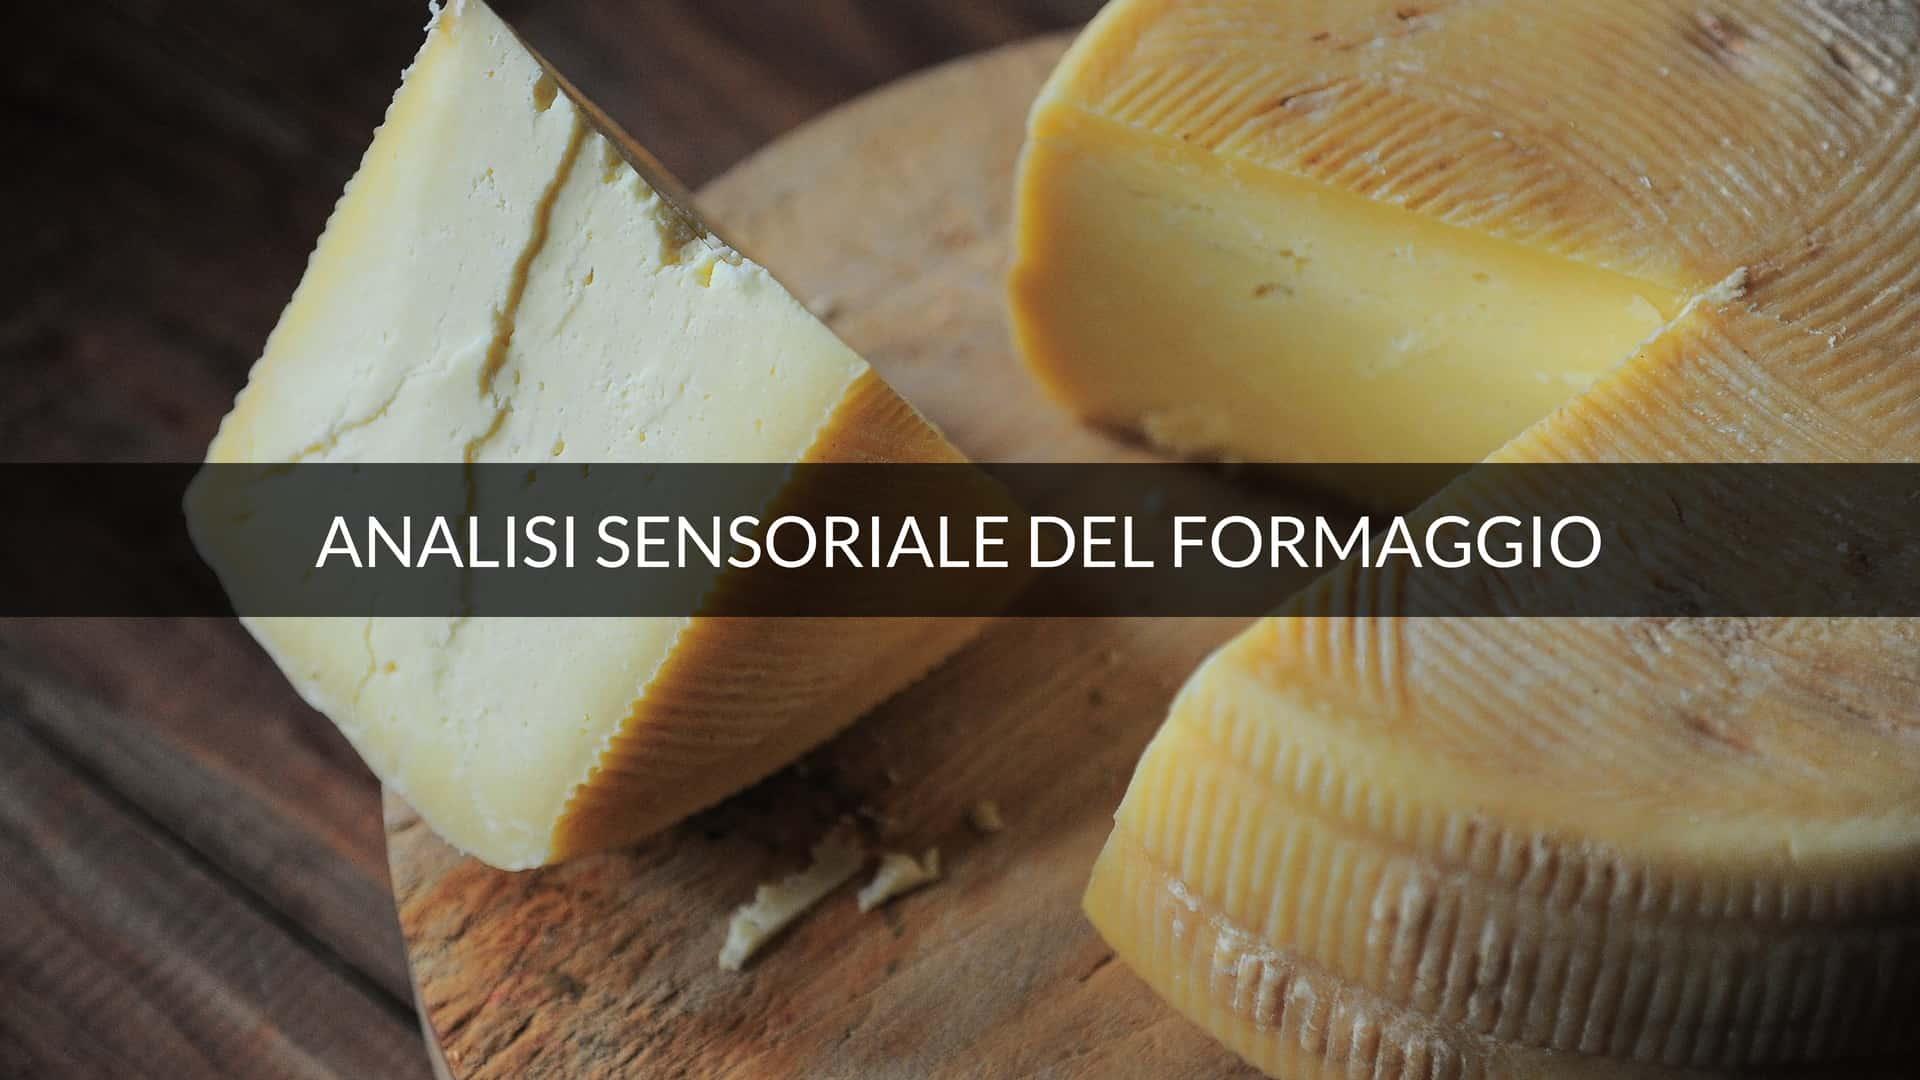 Analisi sensoriale del formaggio e il quinto sapore